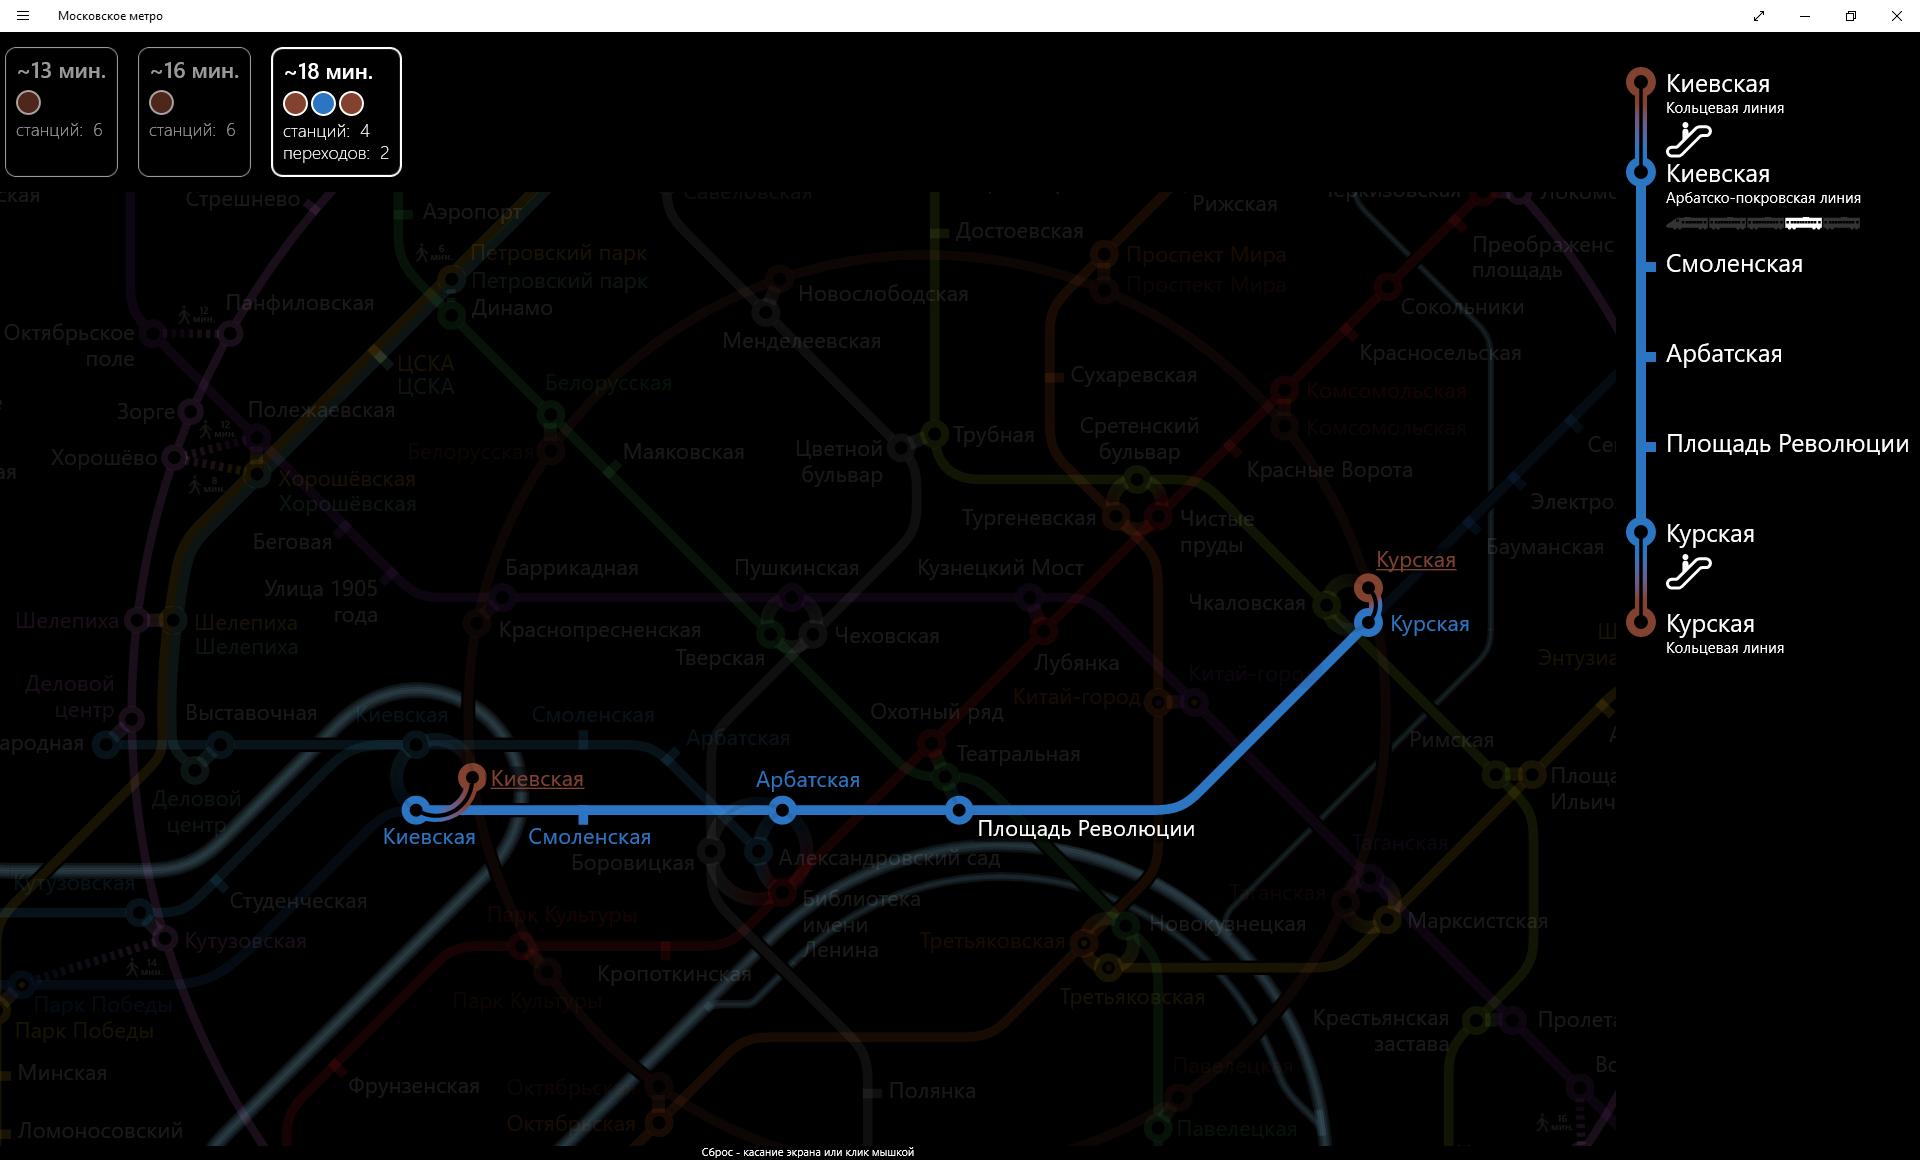 Приложение Московское метро для Windows Store - 7